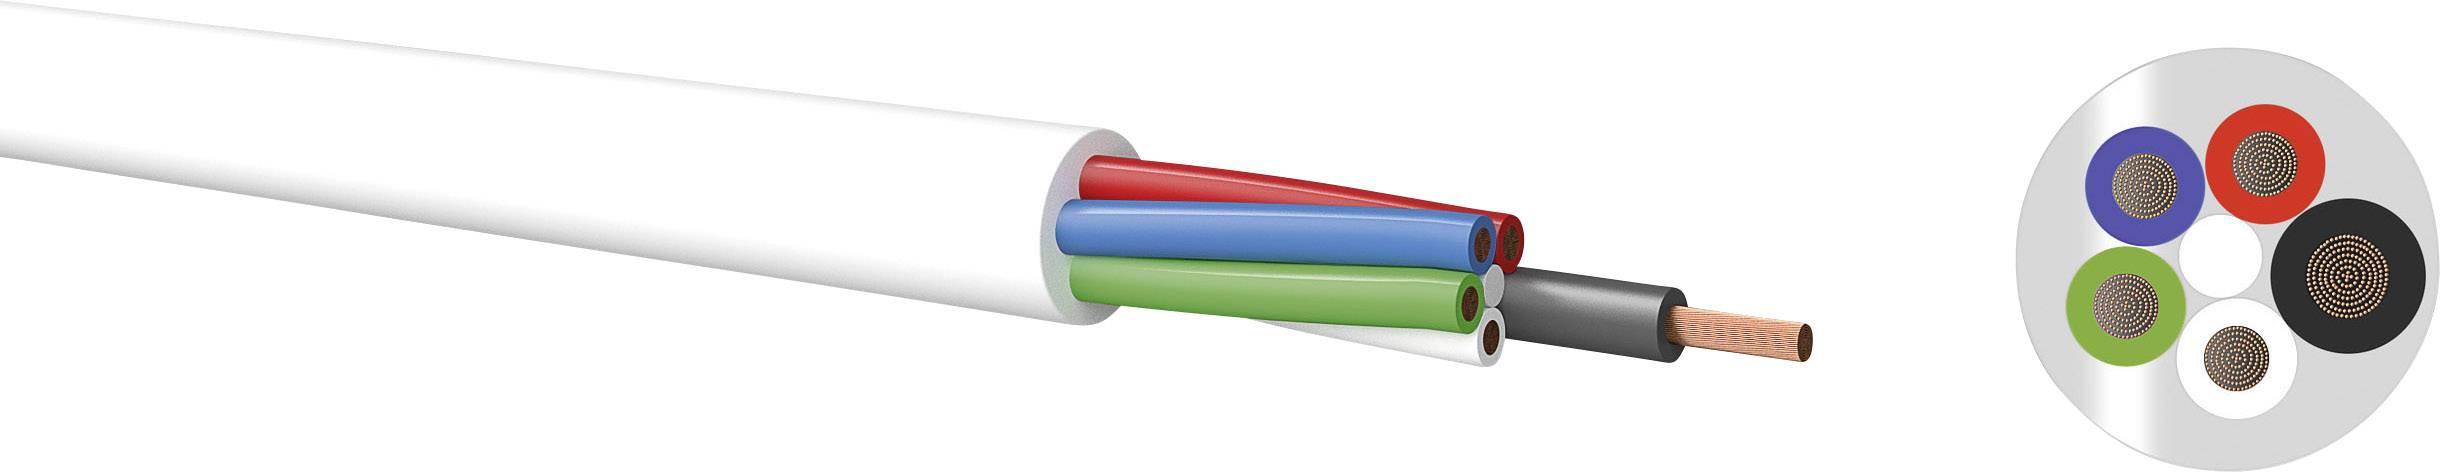 Připojovací kabel Kabeltronik 4.24051101E8, (Ø) 5.1 mm, PVC